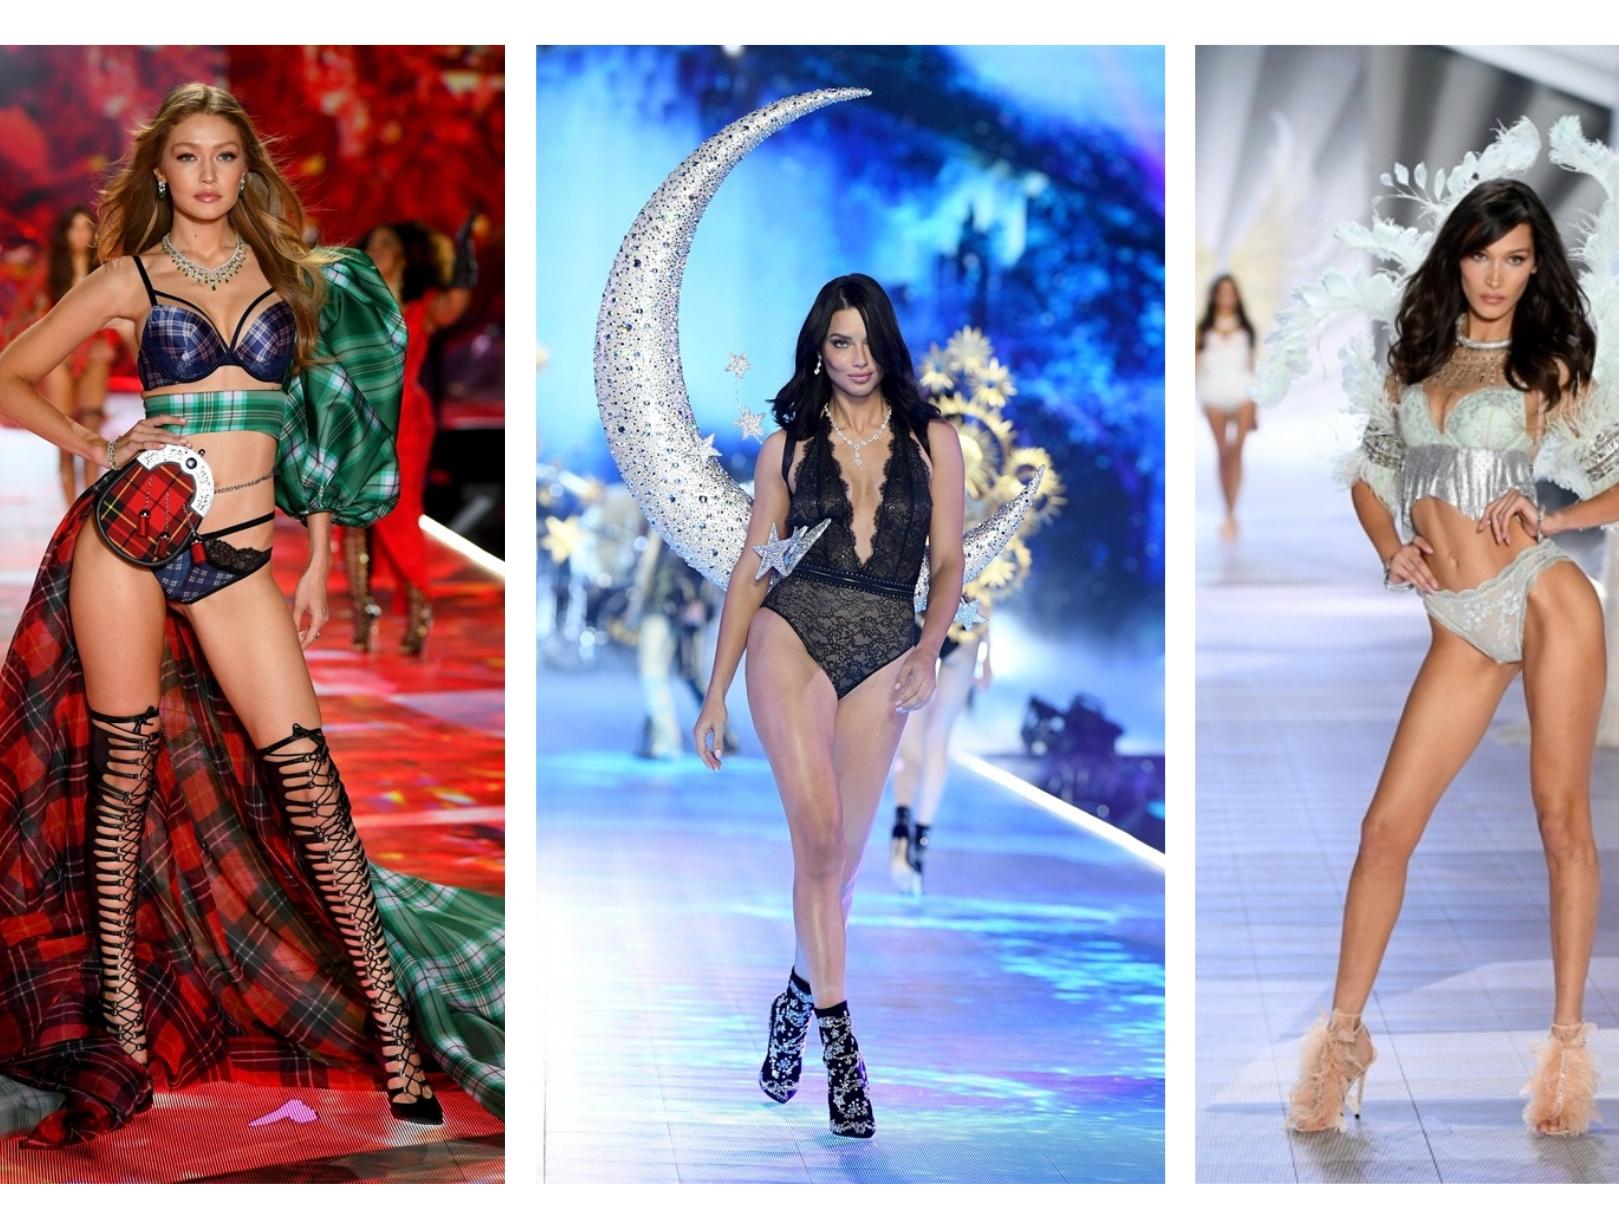 Белла и Джиджи Хадид, Адриана Лима и другие «ангелы» в невероятном шоу Victoria's Secret 2018 – ФОТО